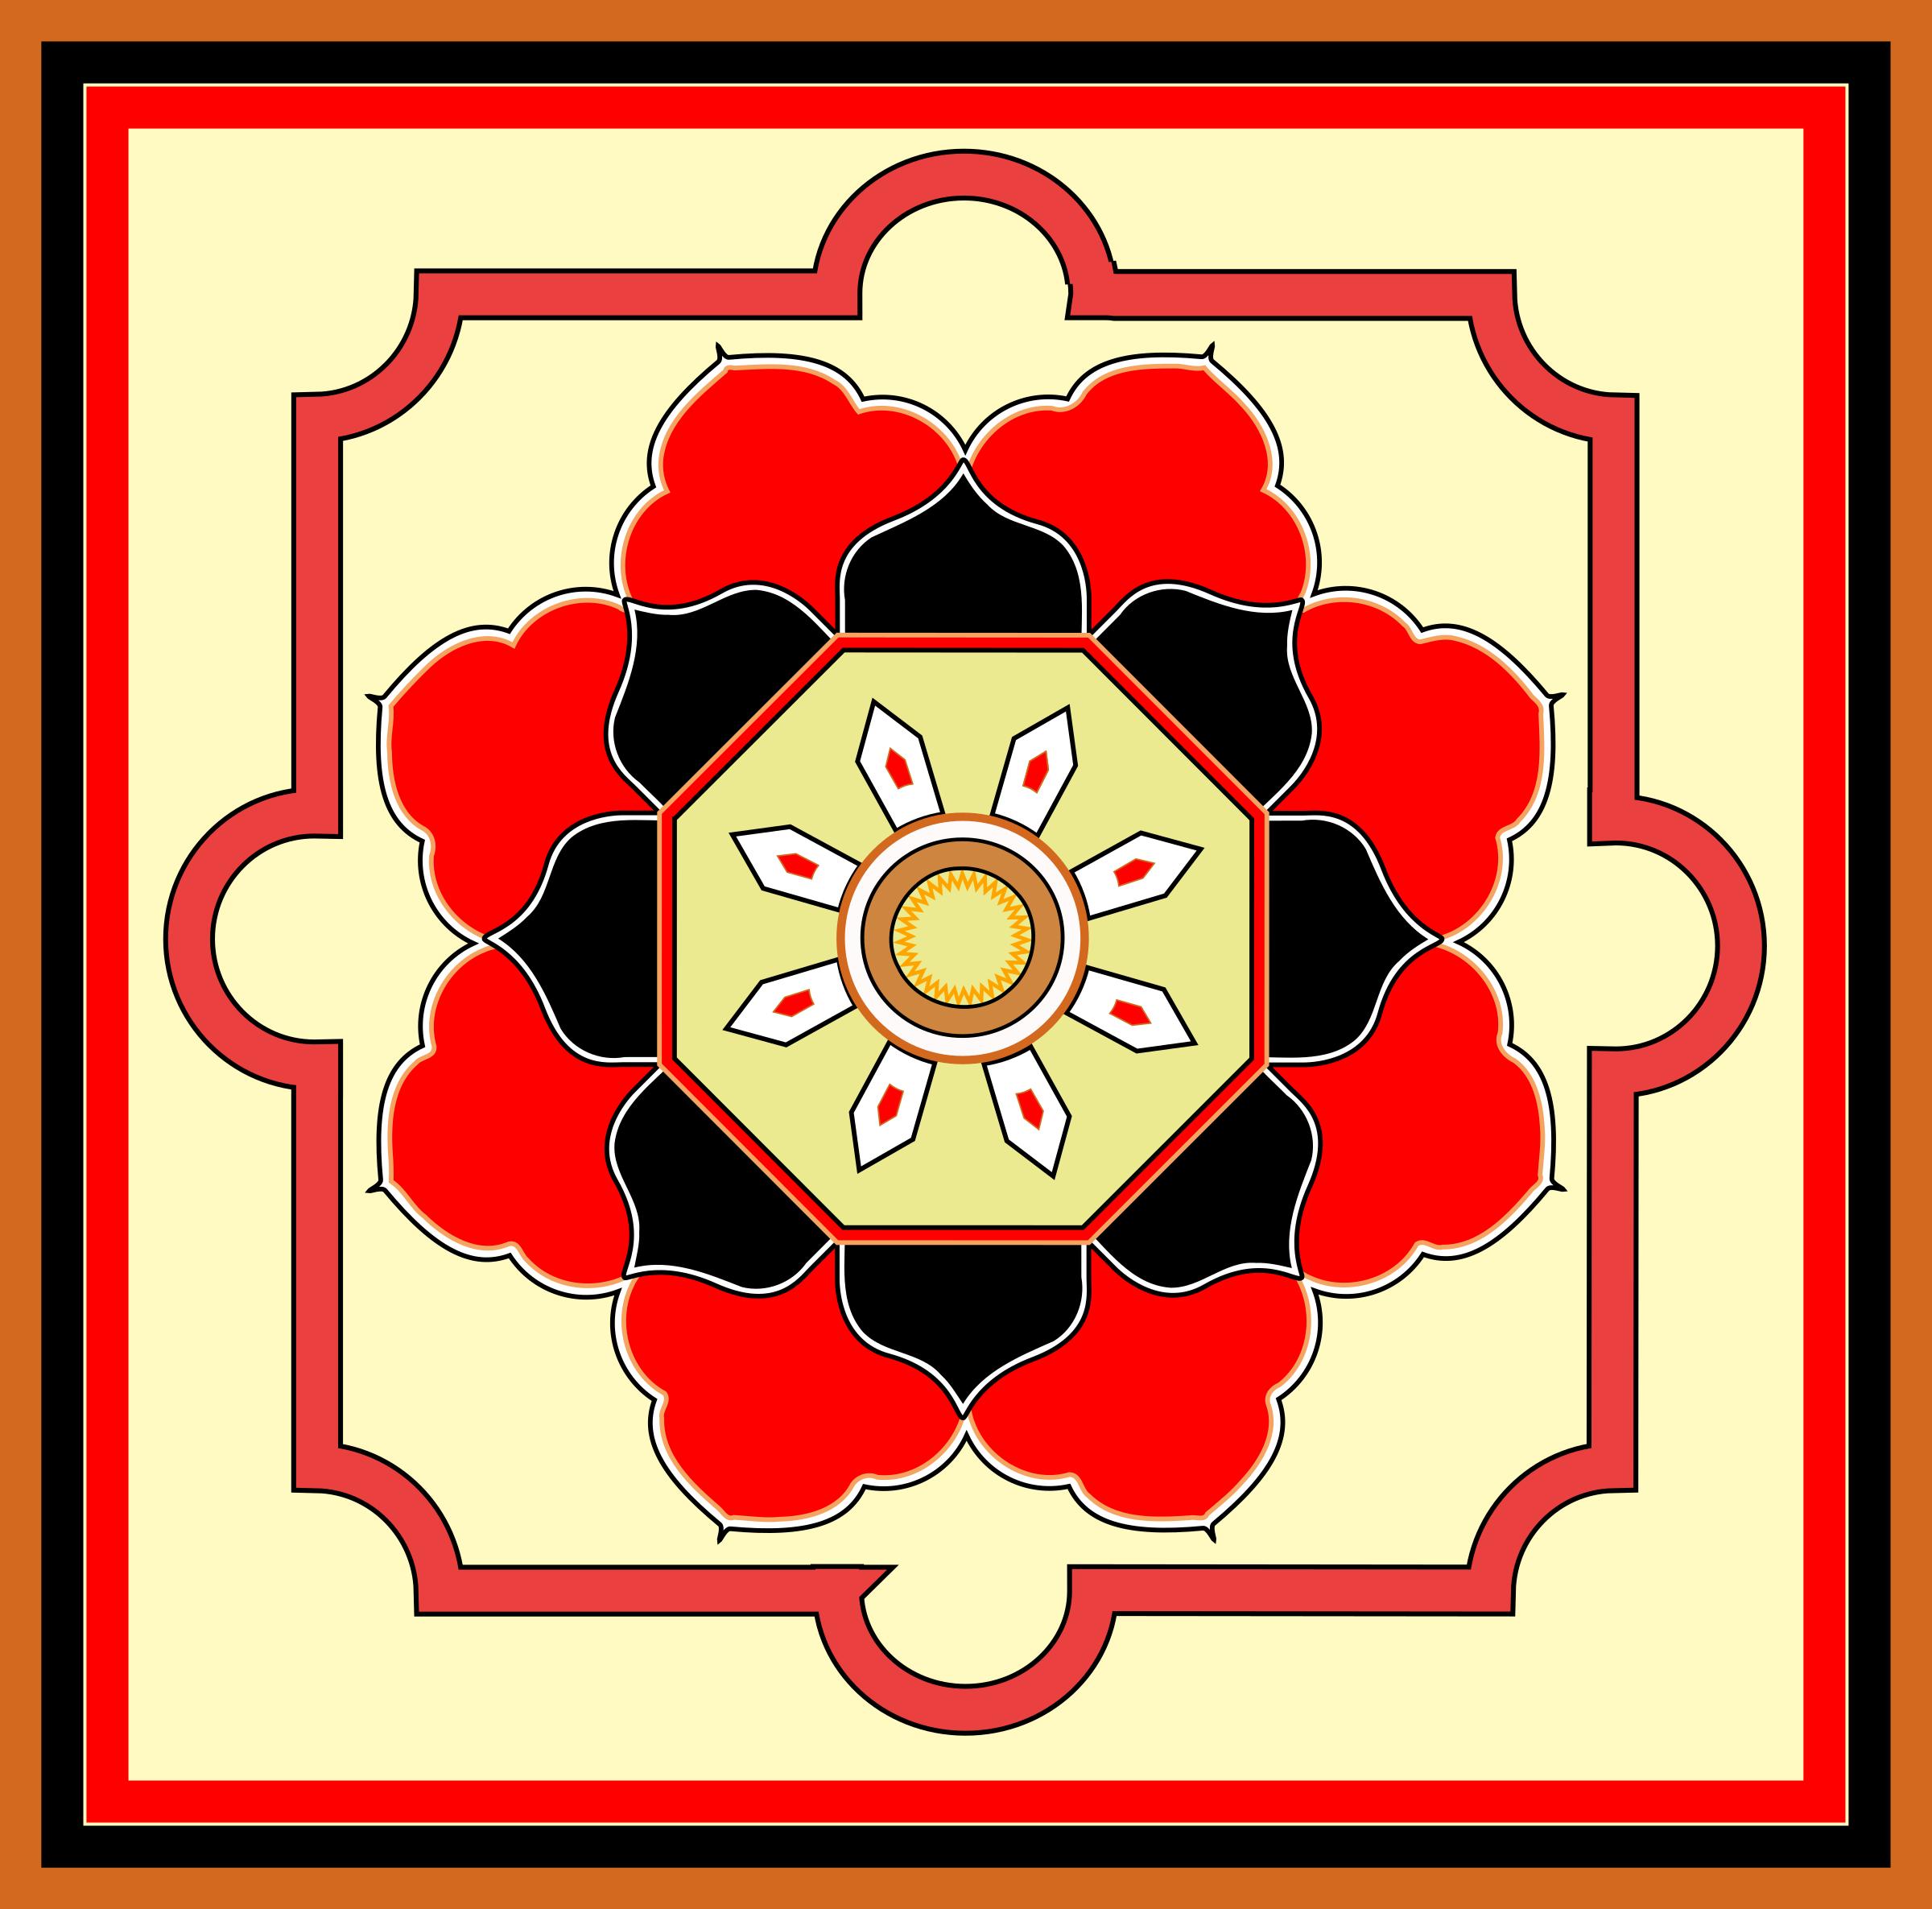 Carpet clipart carpet design. Orient icons png free